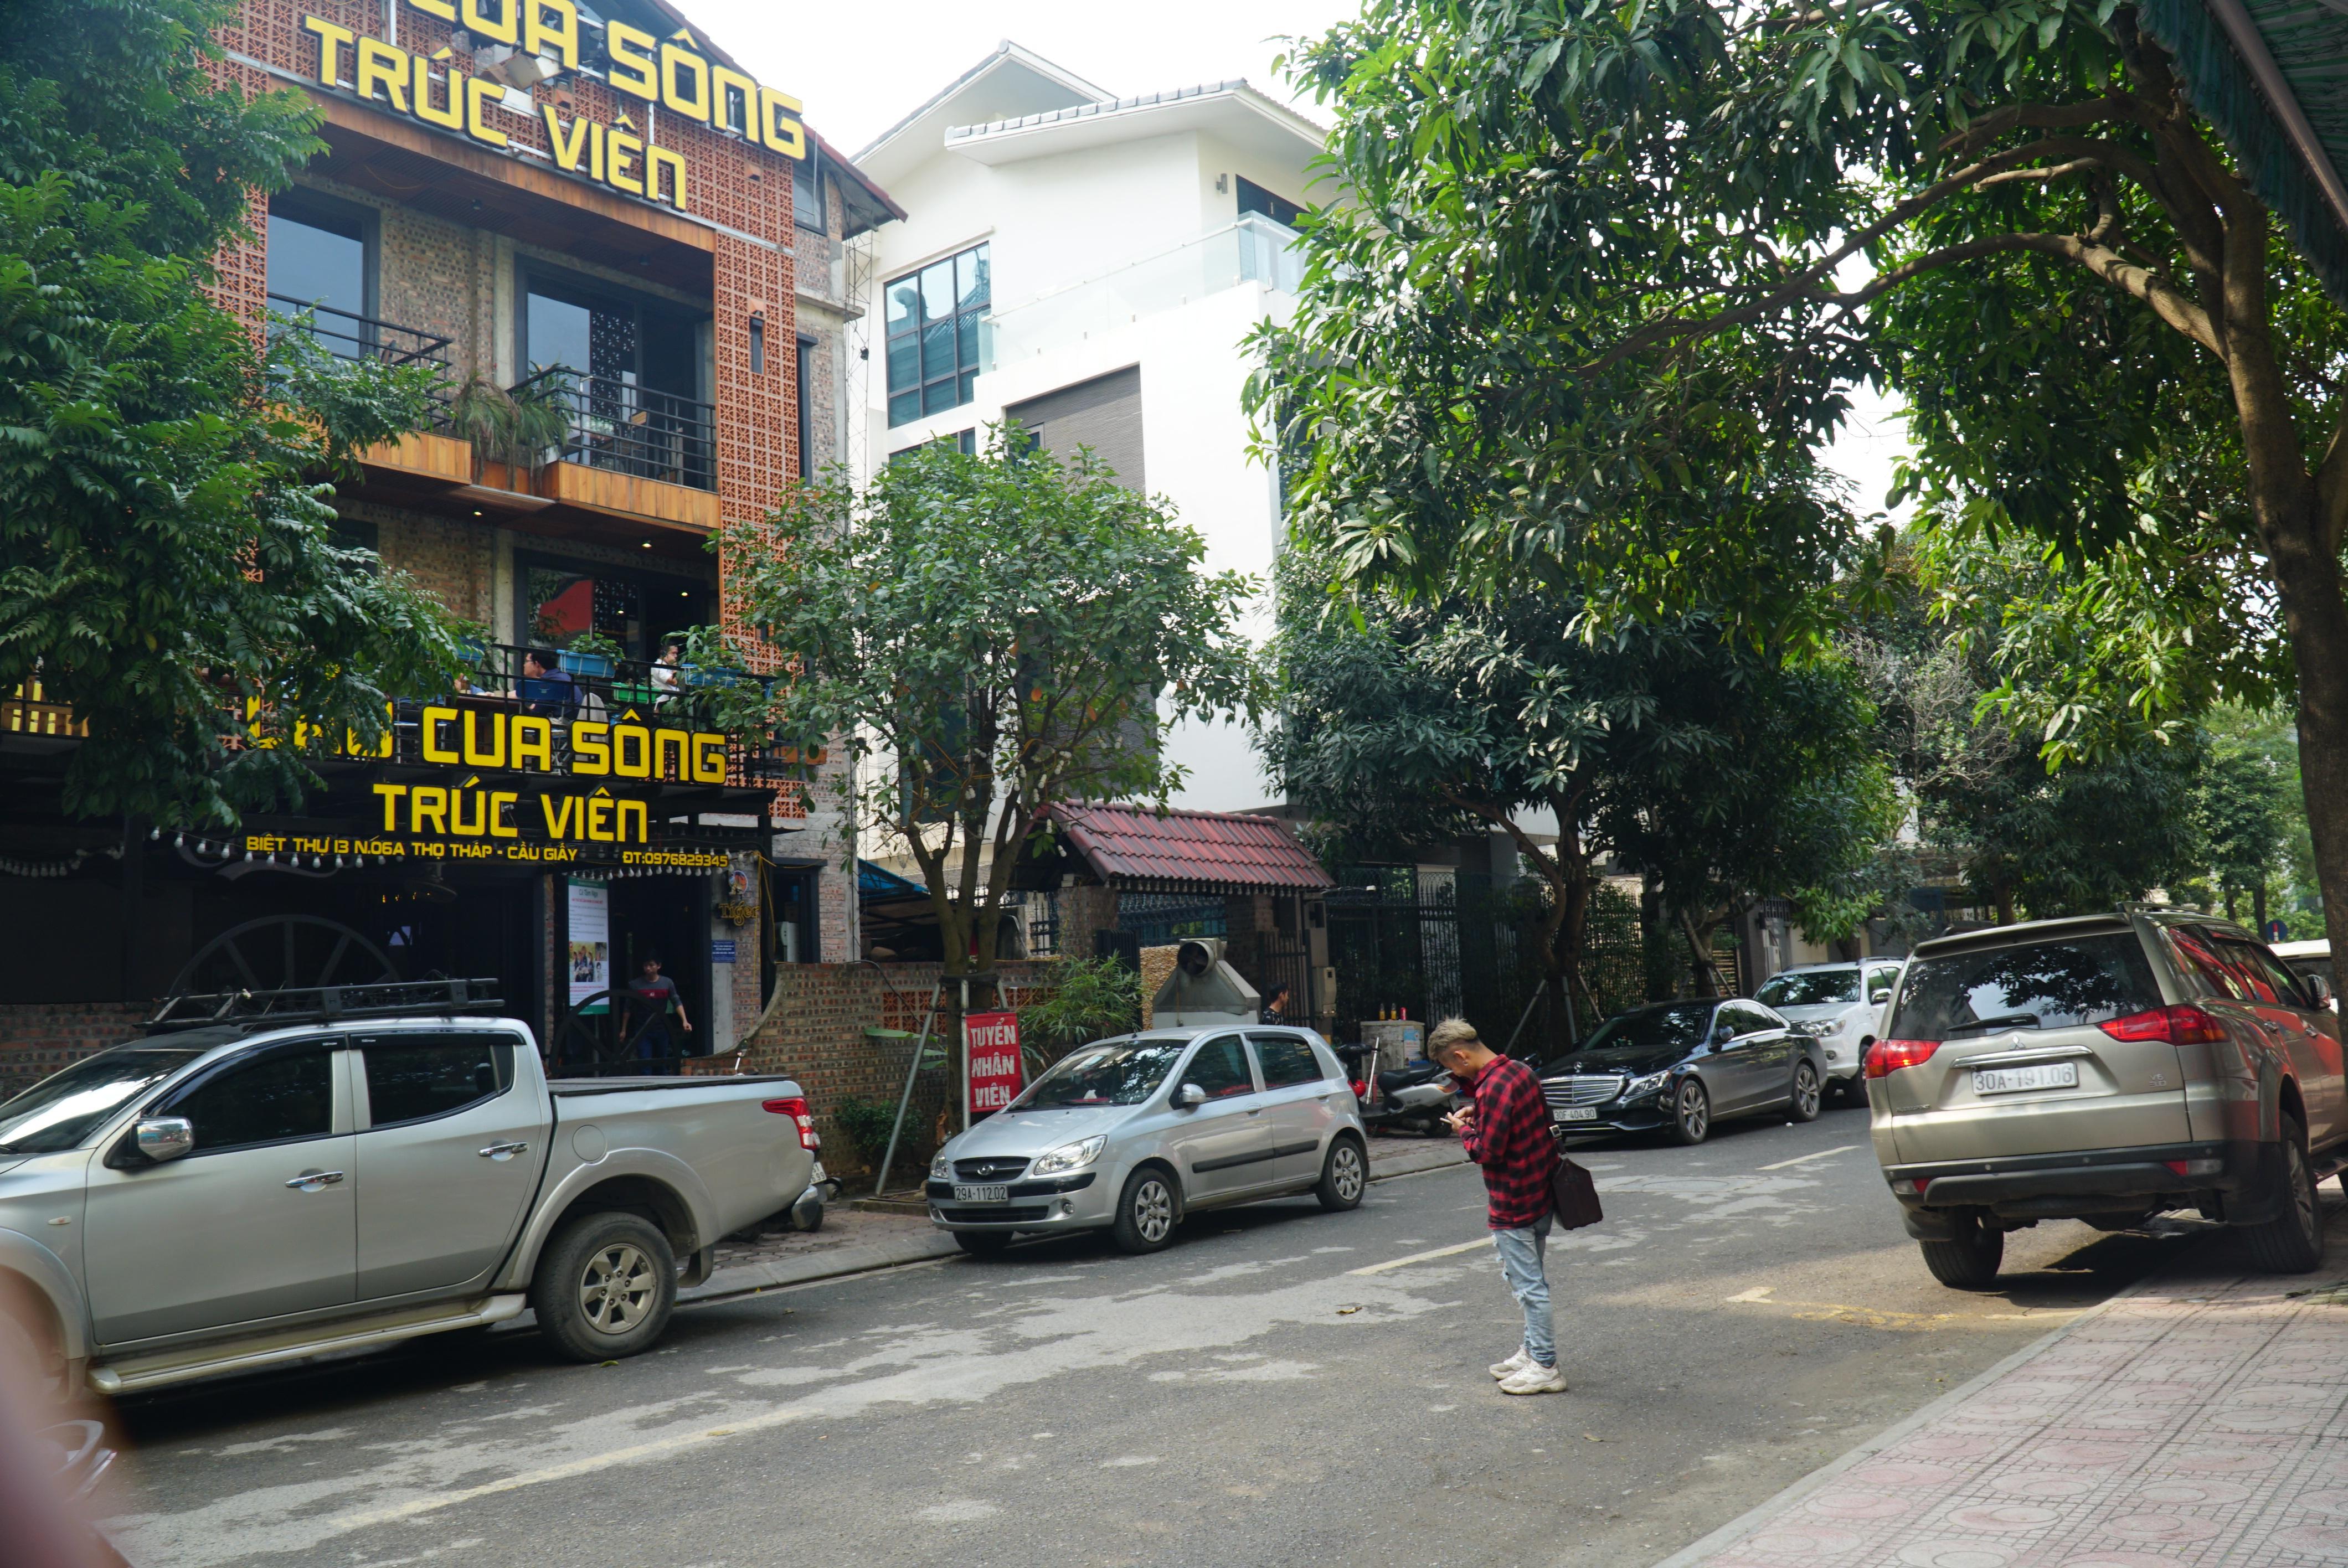 Hà Nội: Quán nhậu đìu hiu vắng khách, thất thu sau Nghị định 100 - 5